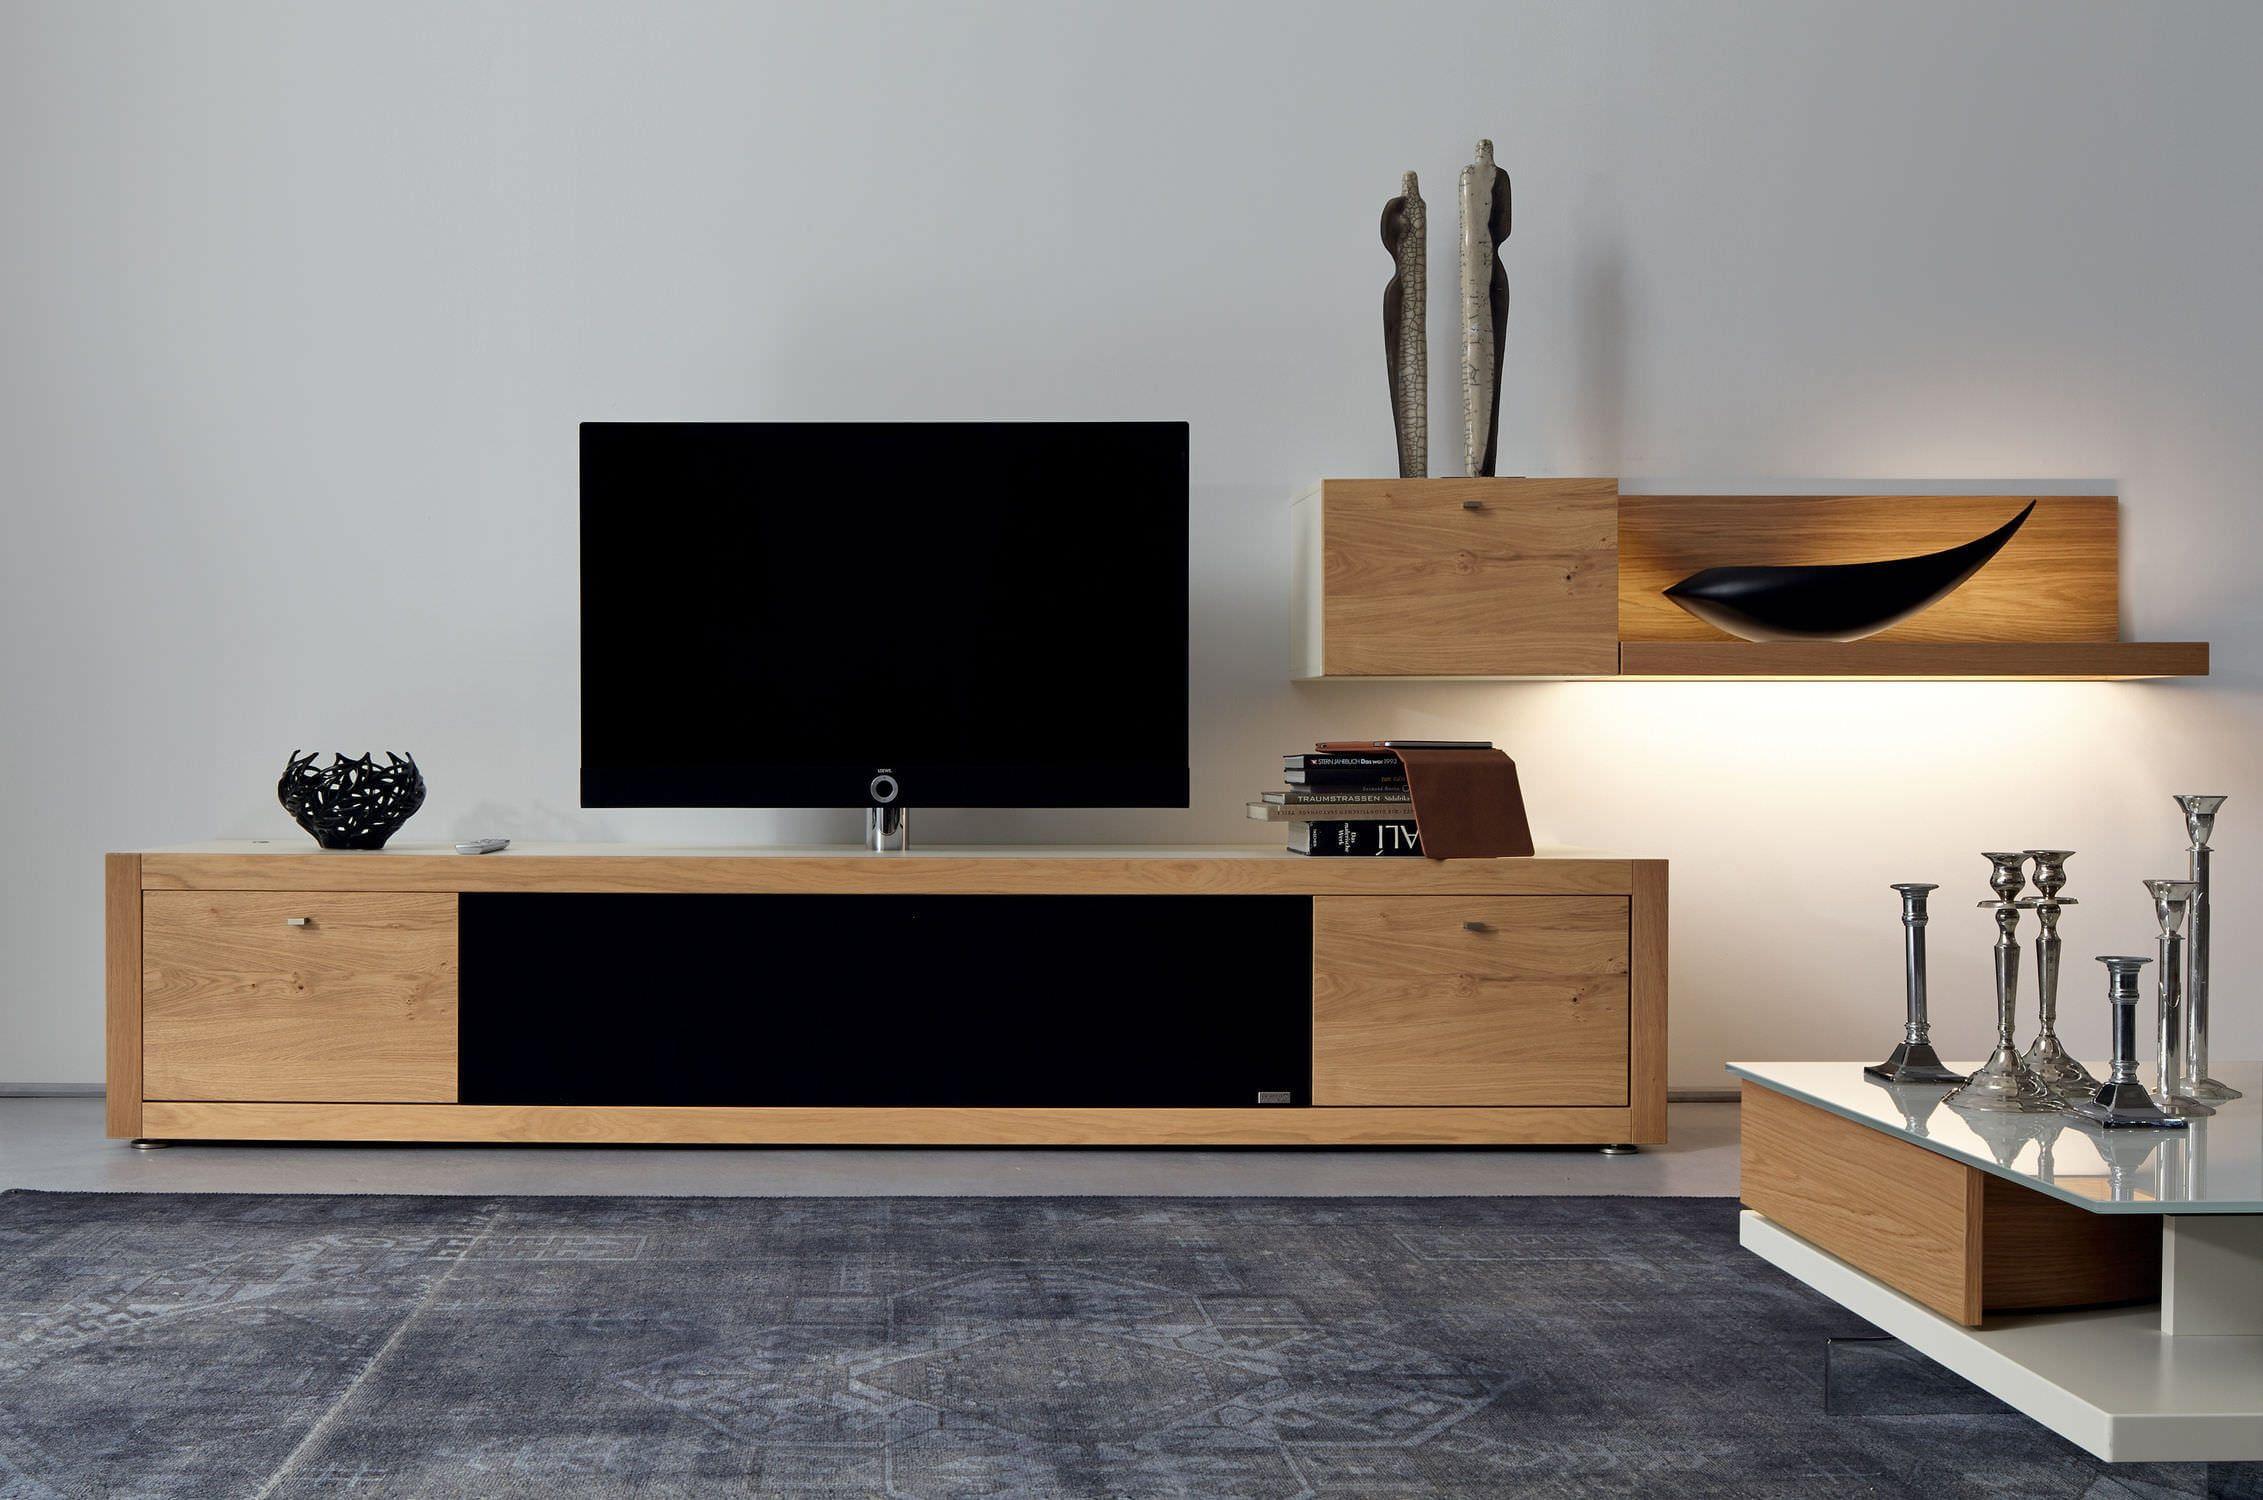 Телевизор на тумбе в интерьере